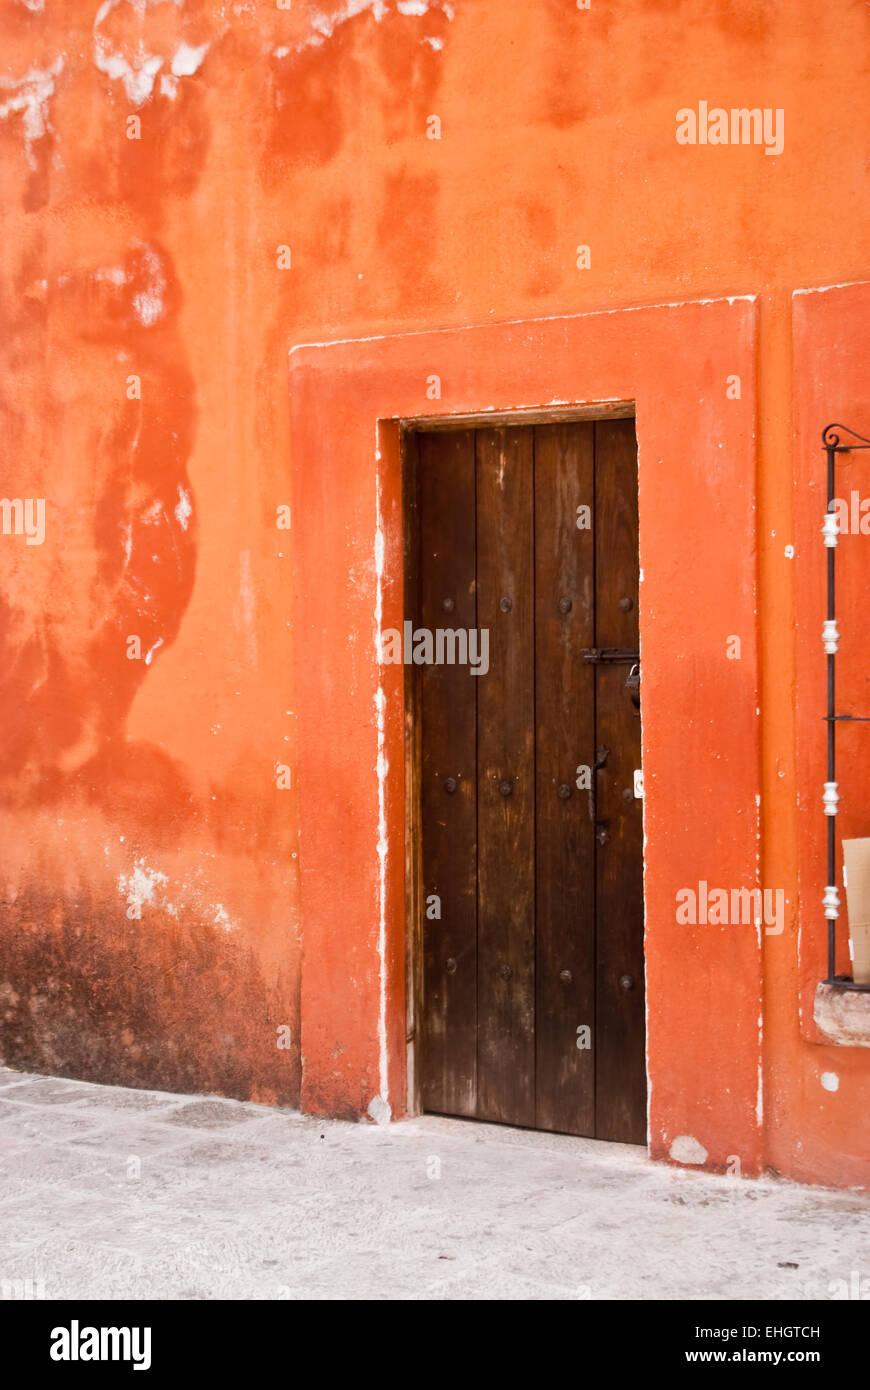 Orange adobe house with wood door Mexico - Stock Image